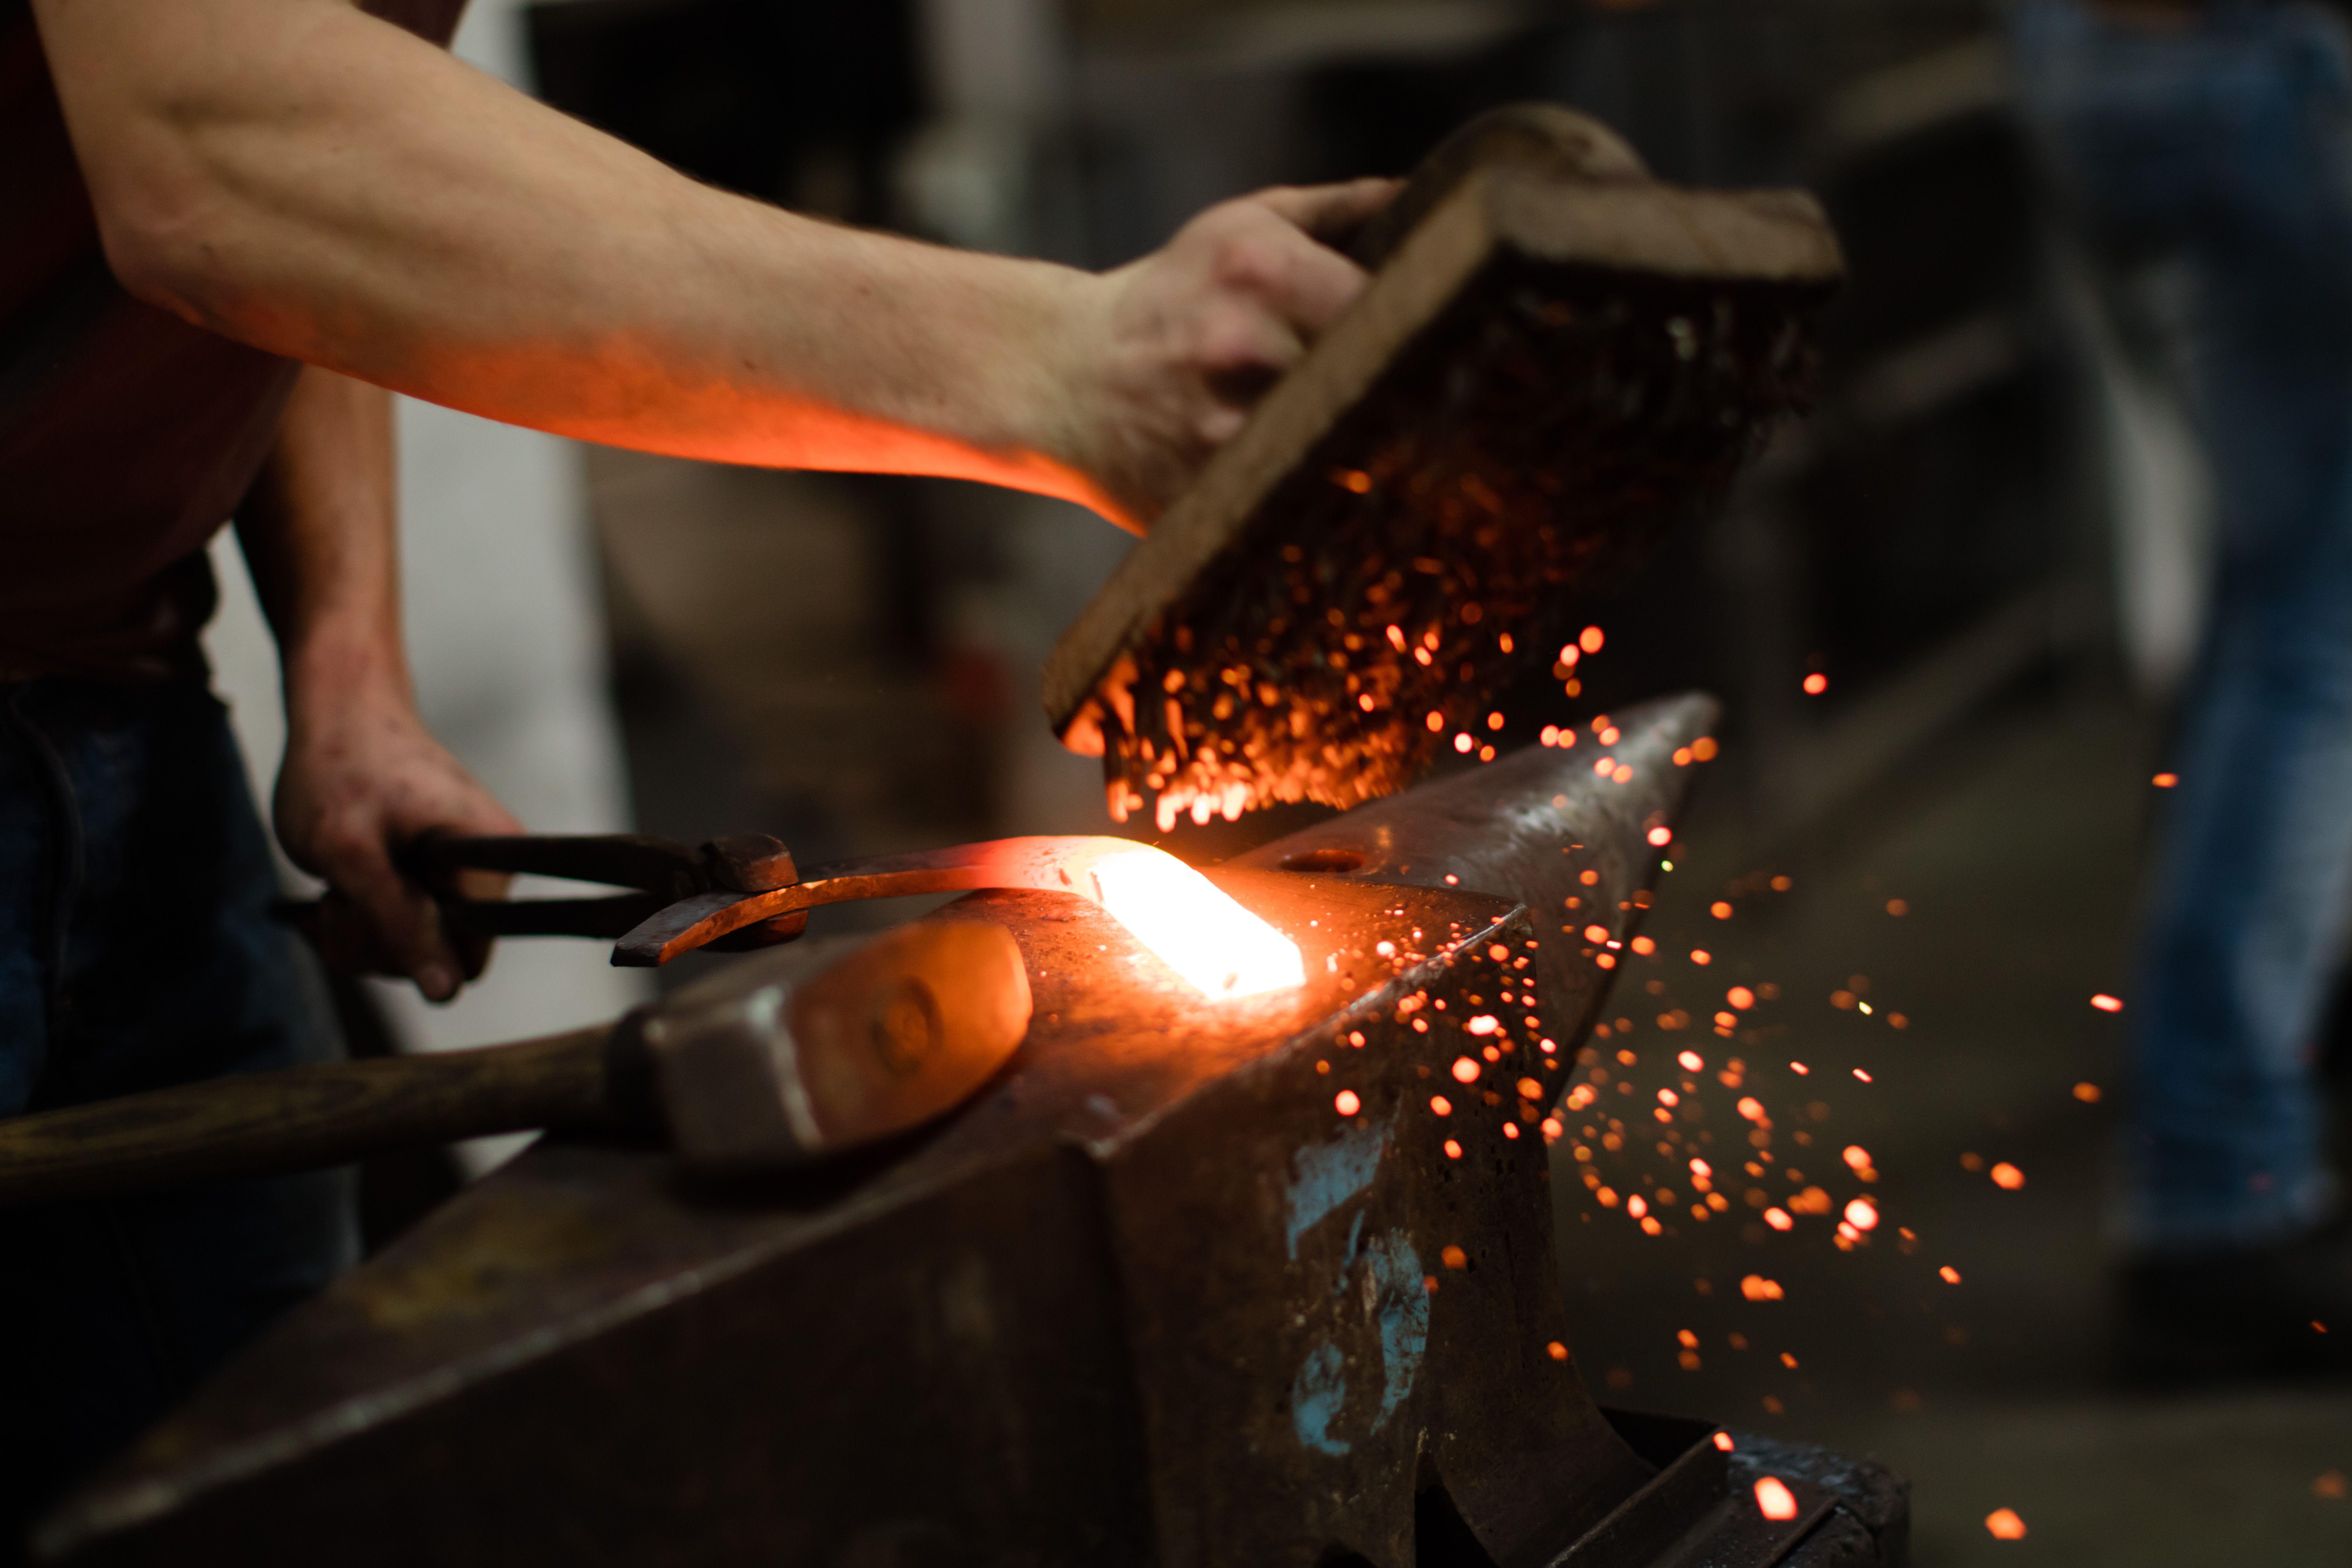 Farrier forging horseshoe on anvil